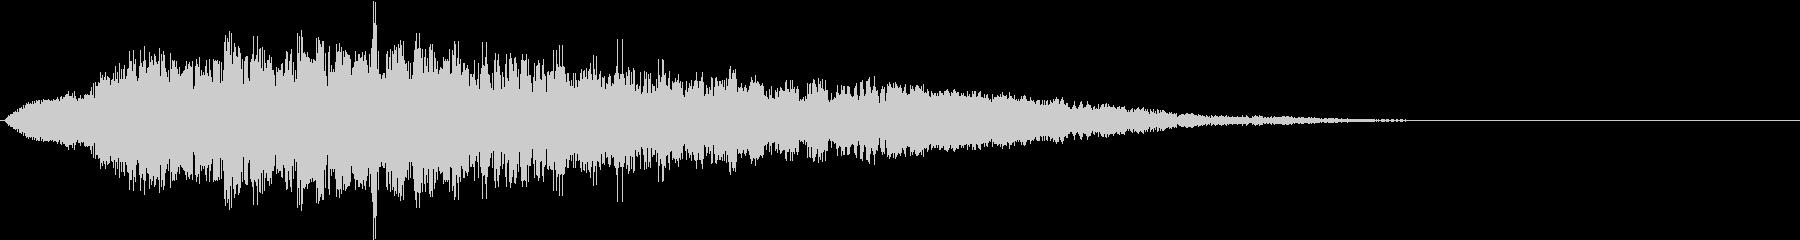 映画向け効果音17の未再生の波形